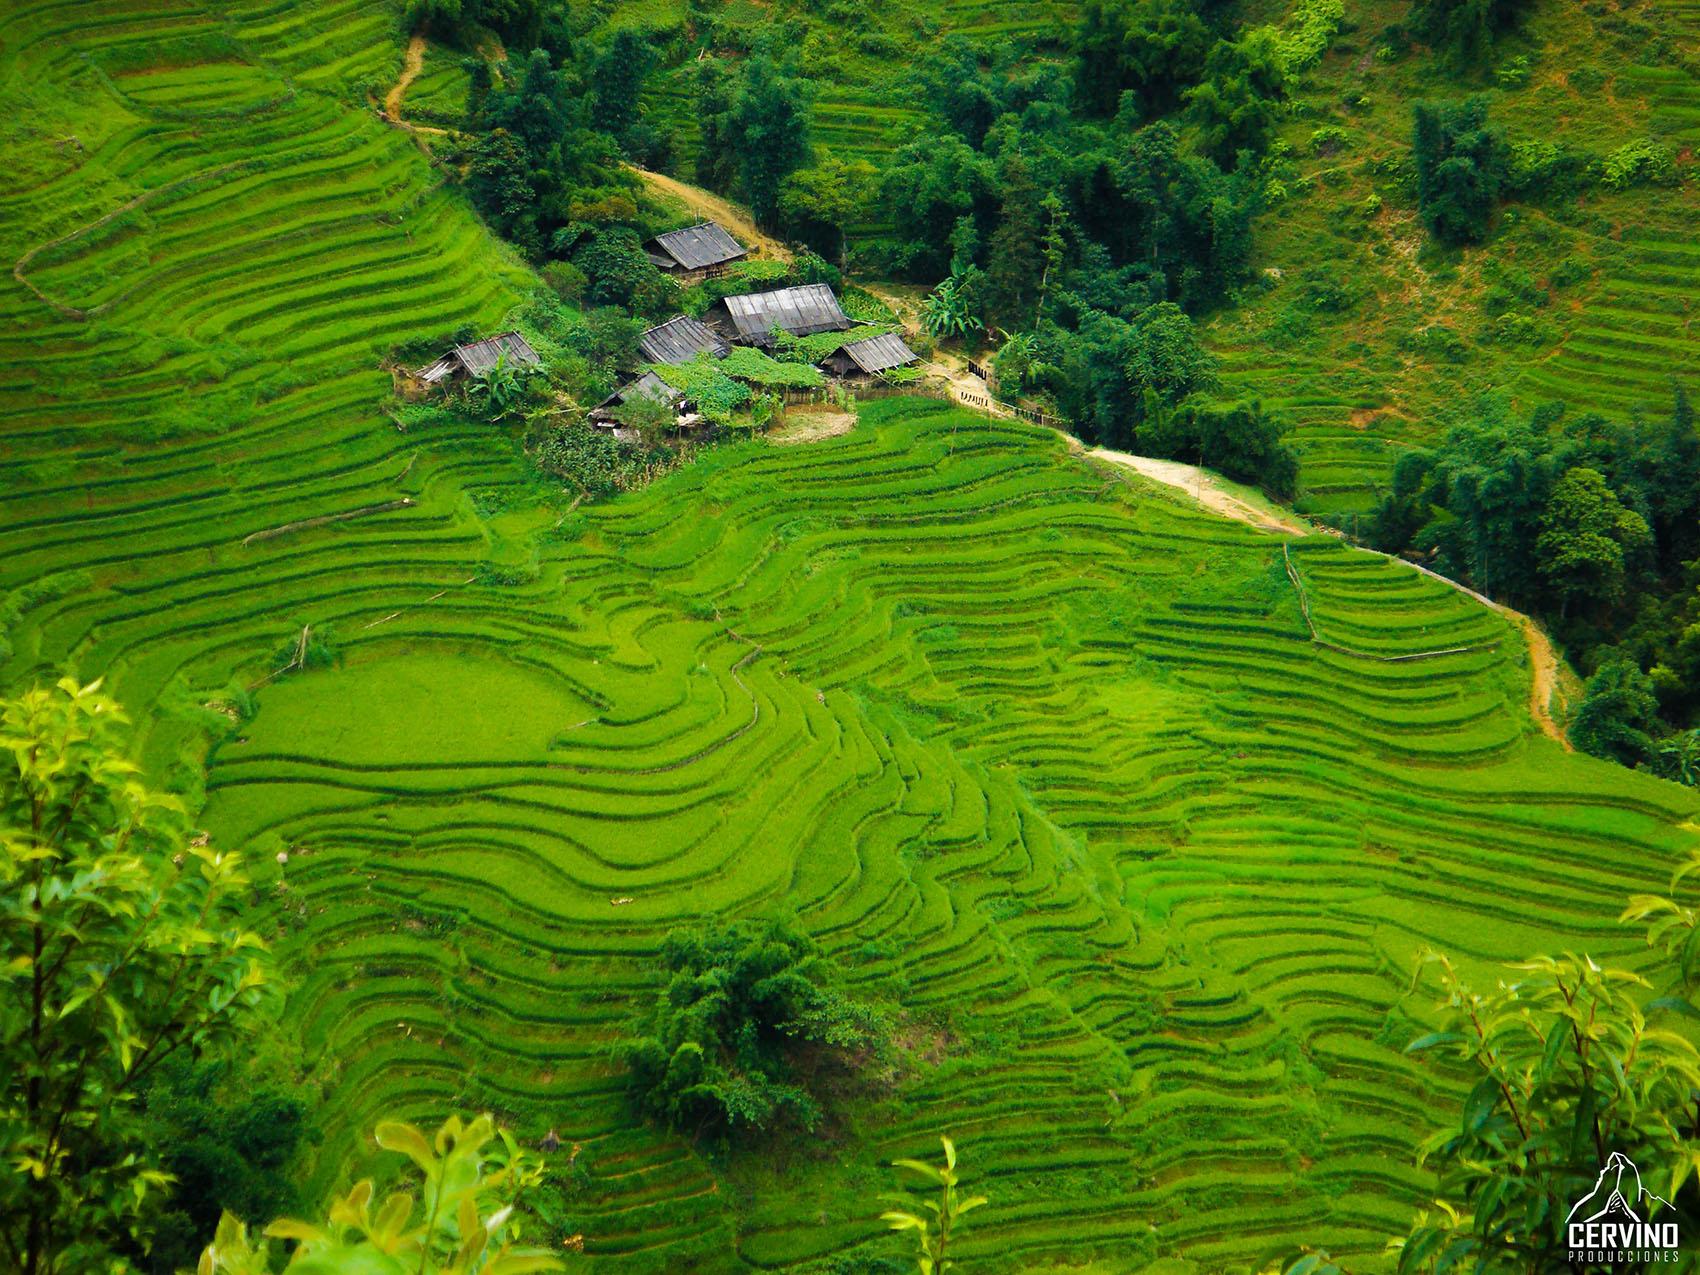 Portfolio_Cervino_2009_ Vietnam_03